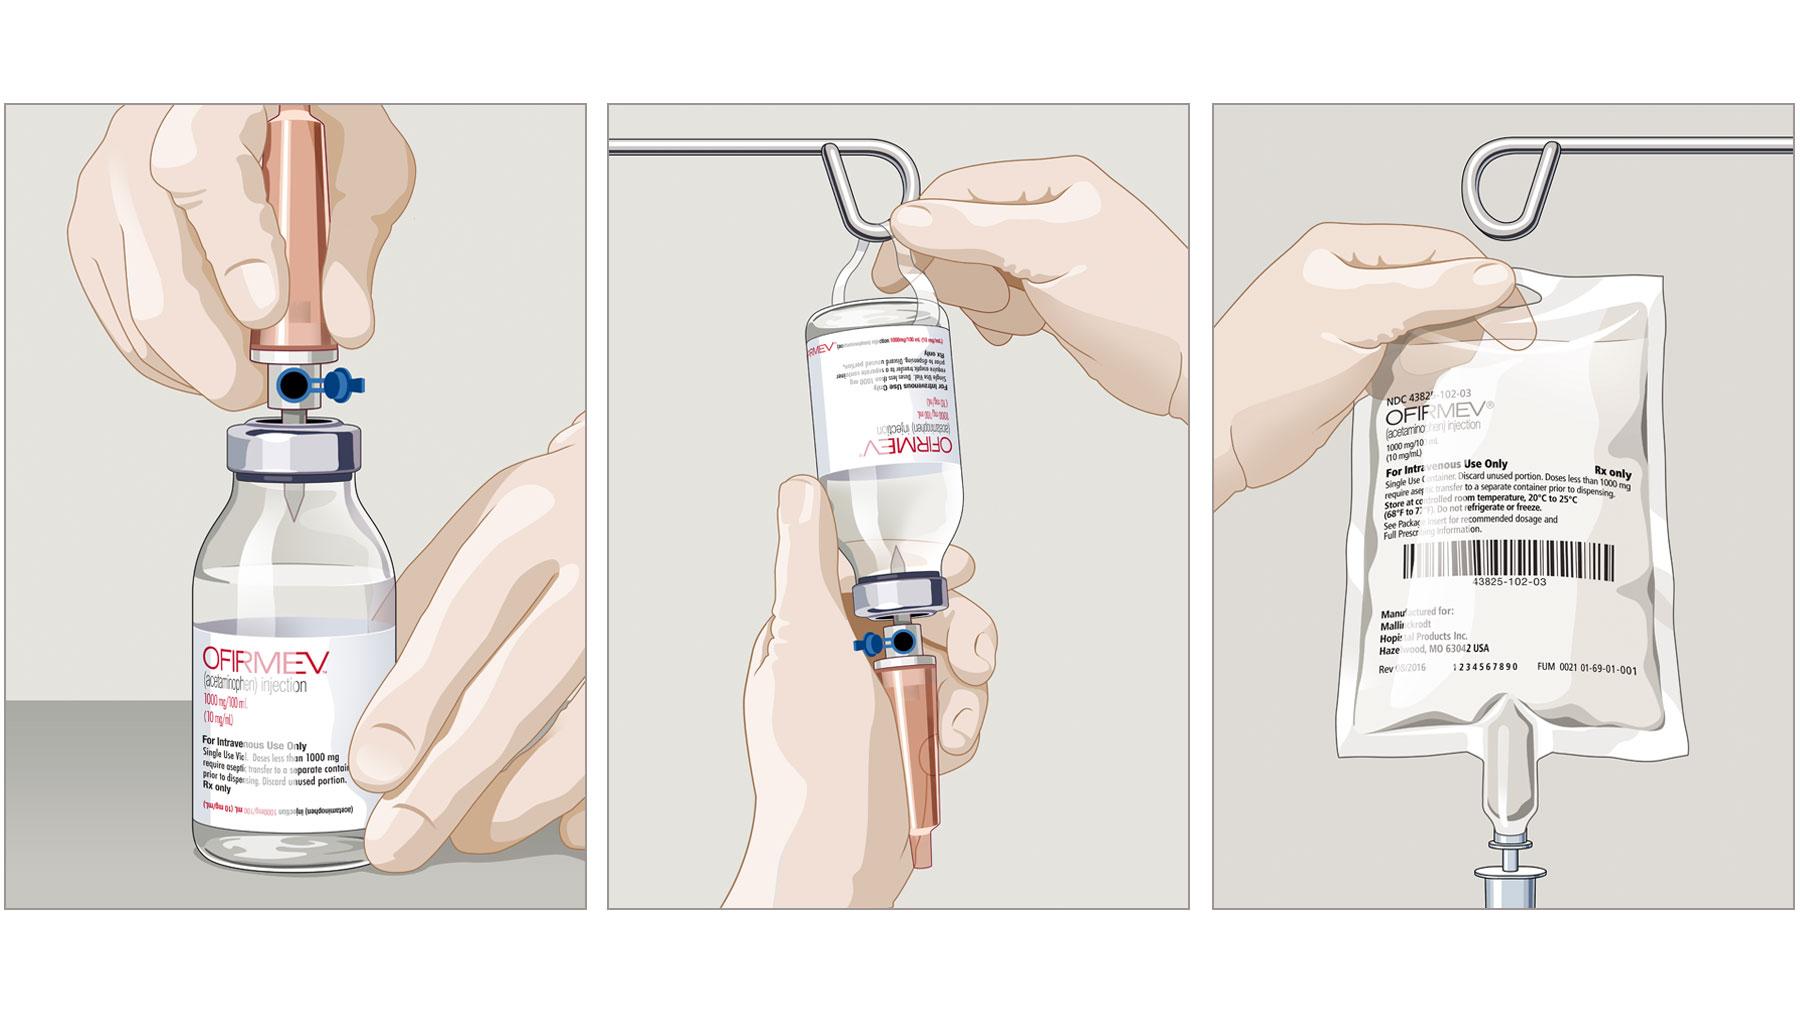 IV, IV setup, IV drip